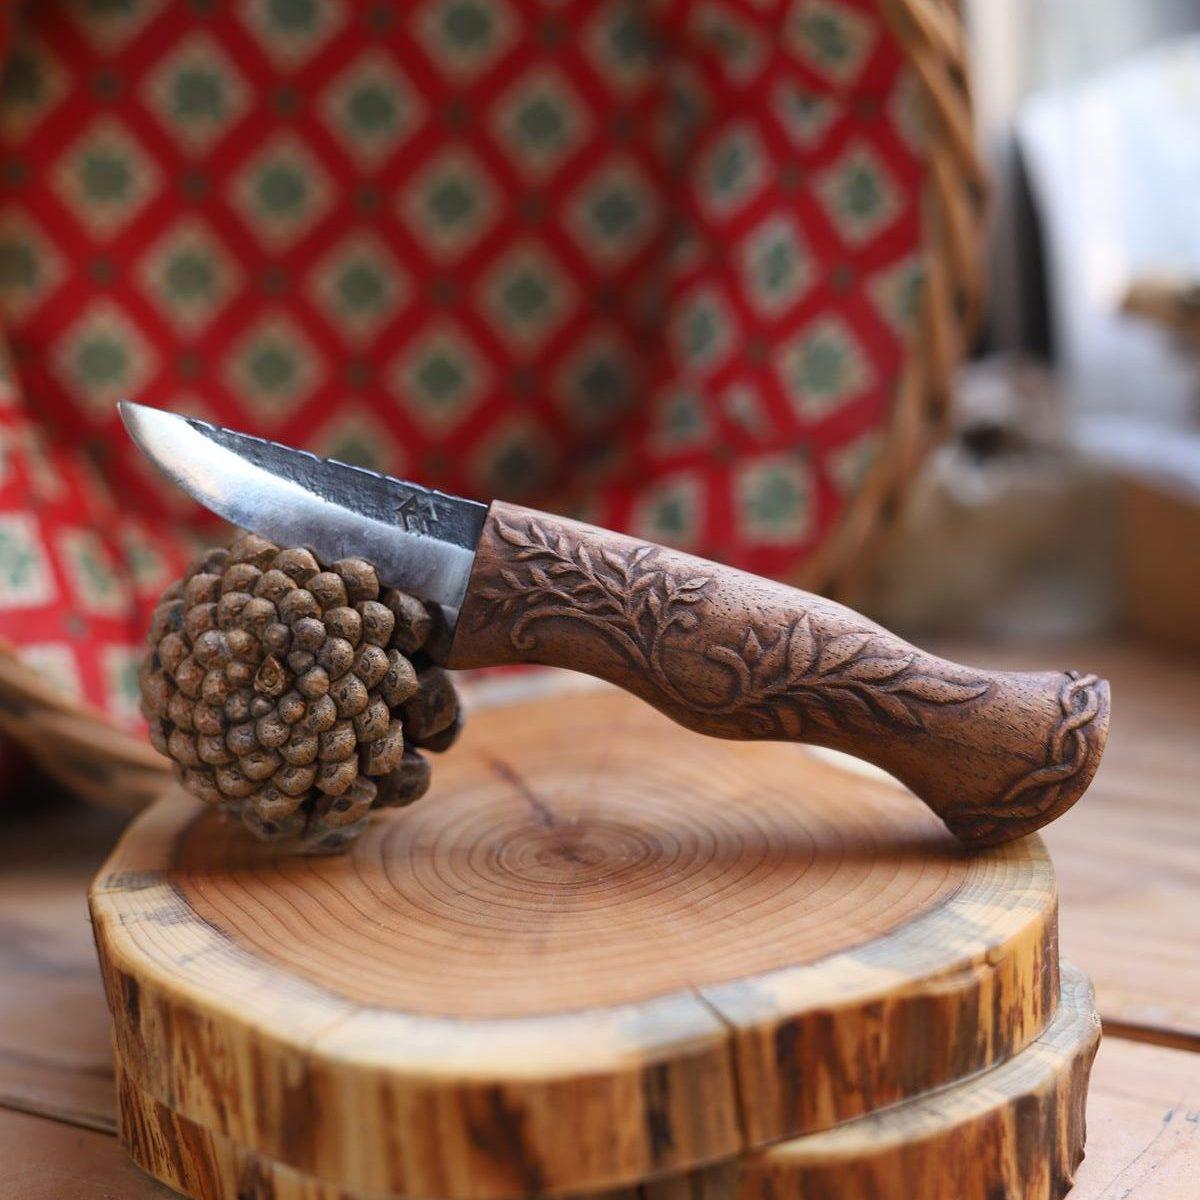 Couteau sculpté floral, végétal, arabesques, artisanat d'art, normandie, écologique, bois, forge, atelier de la lettre aux ours, la forge d'Asgeir